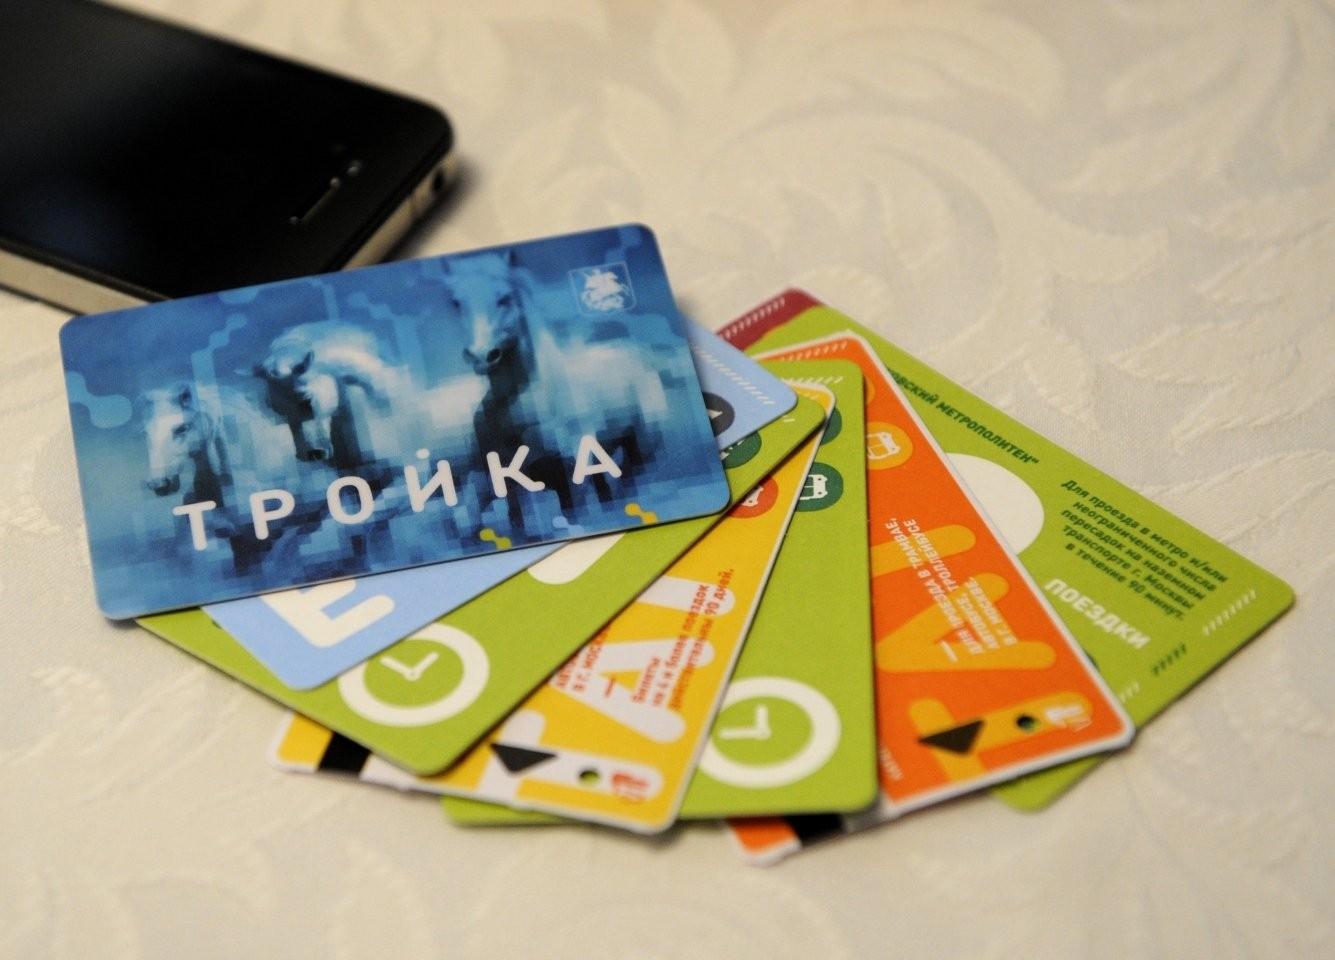 Теперь через бесплатный Wi Fi московского метро можно пополнить карту Тройка